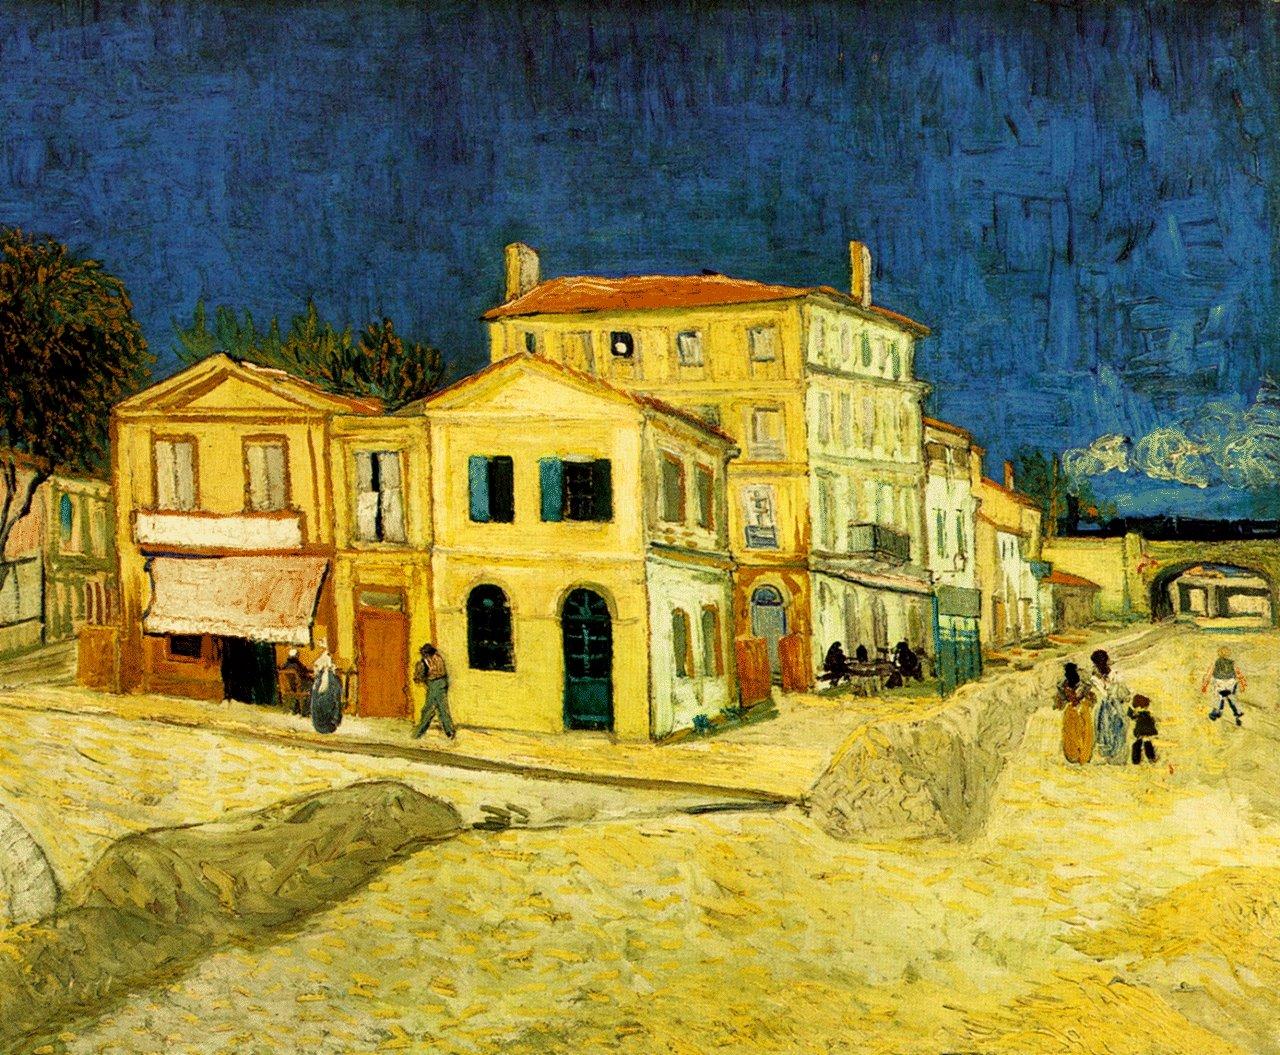 La Habitaci N De Van Gogh El Cuadrado Azul # Vang Gogh Muebles